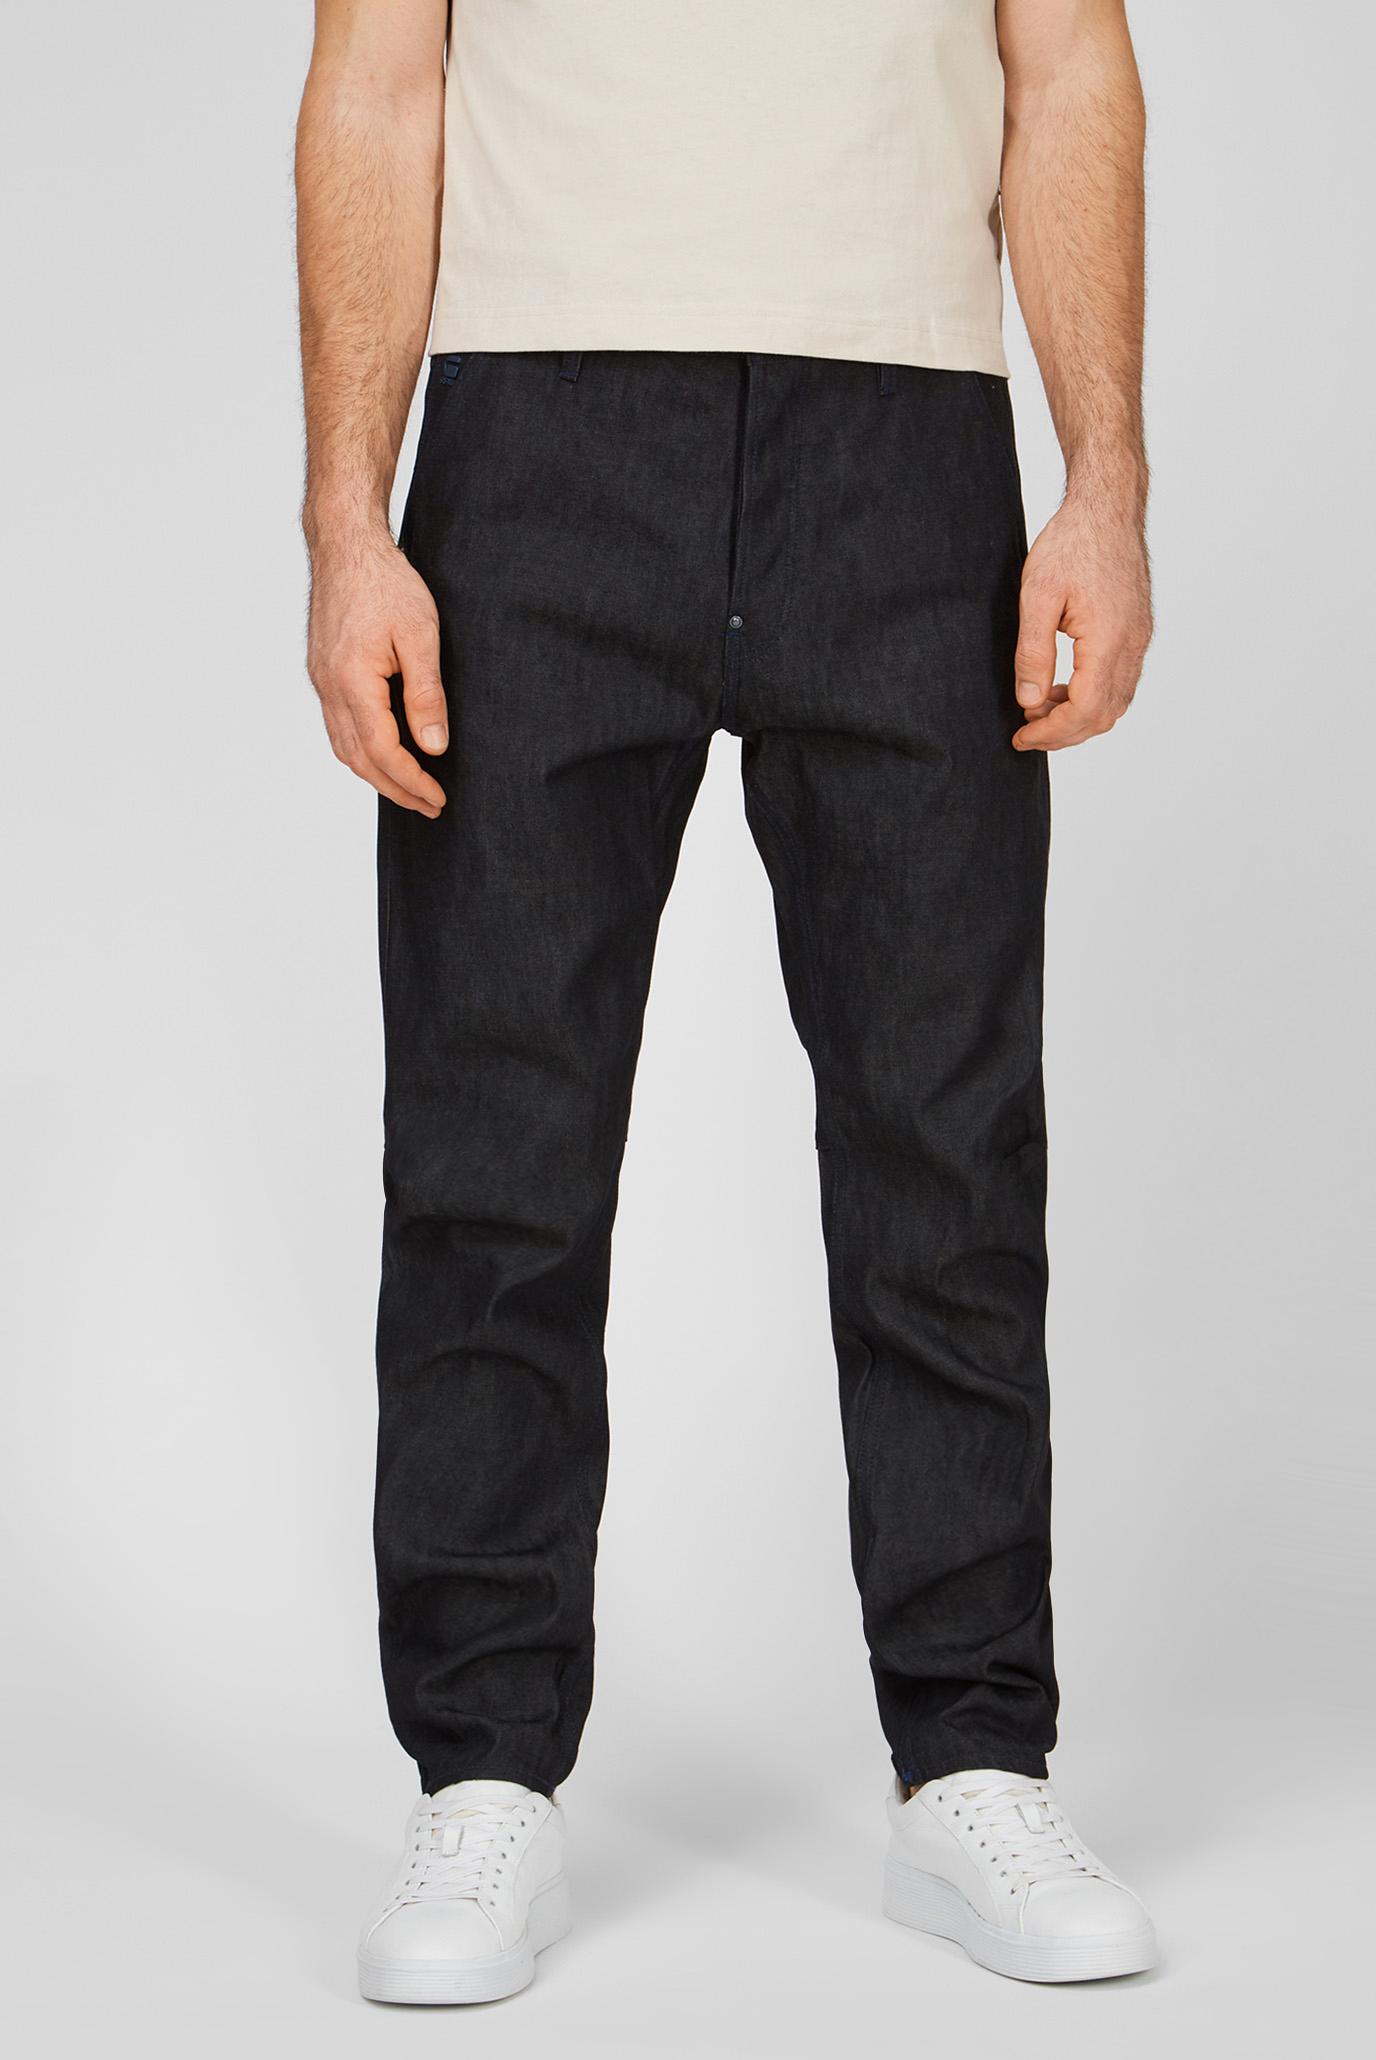 Чоловічі чорні джинси Grip 3D Relaxed Tapered 1